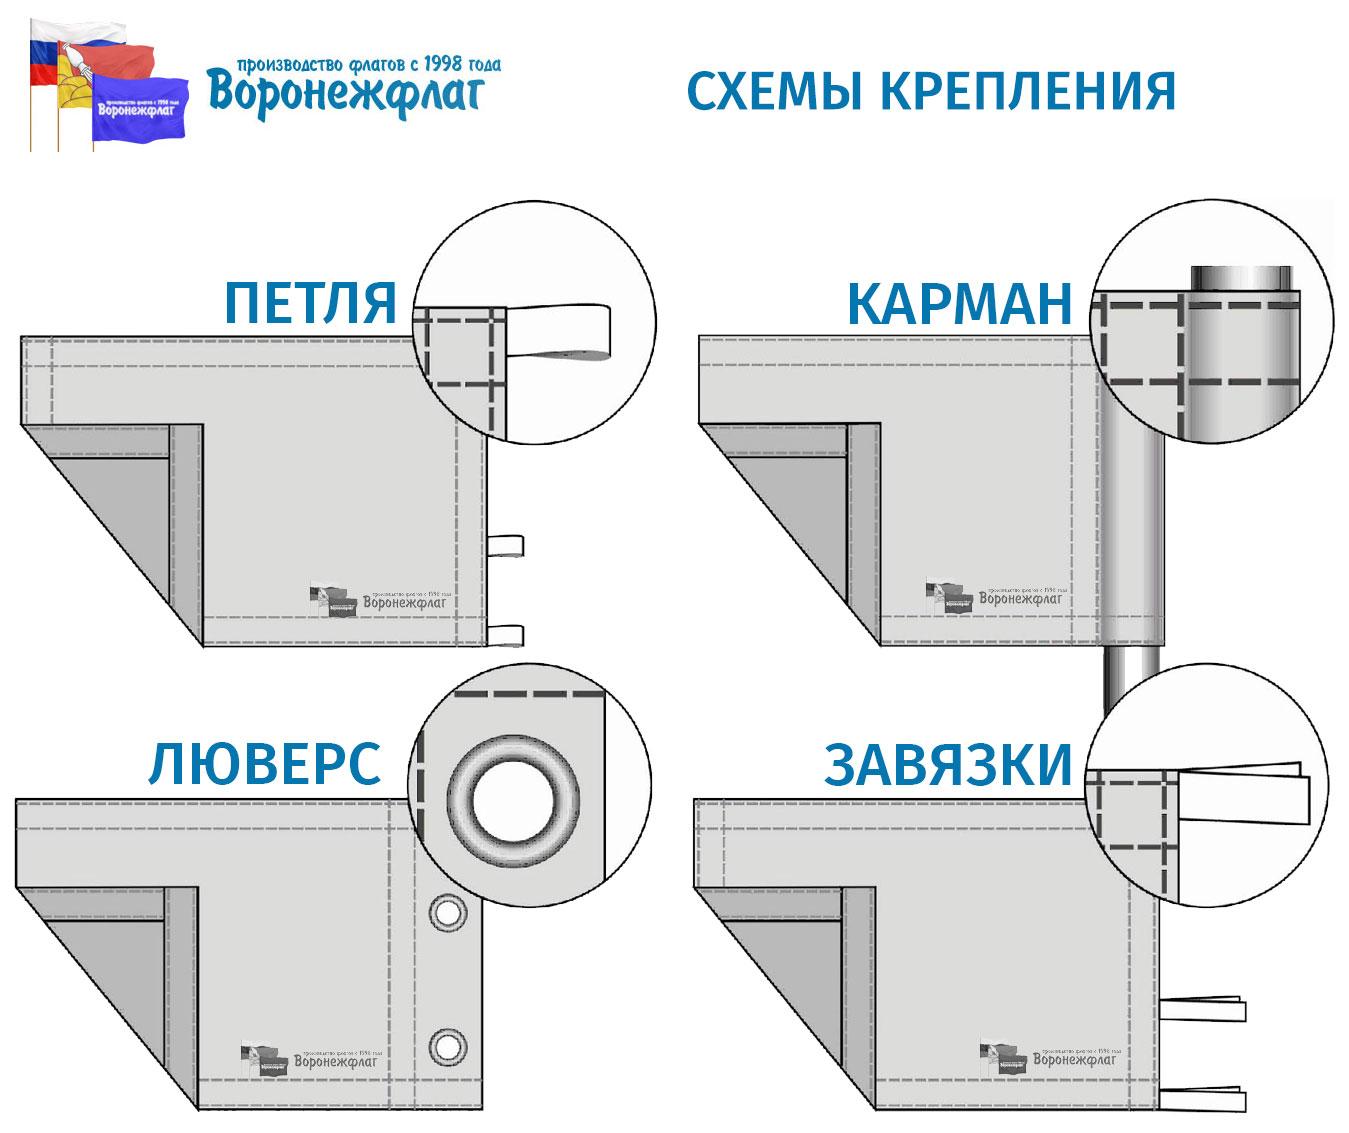 СХЕМЫ-КРЕПЛЕНИЯ-ФЛАГОВ-ВОРОНЕЖ